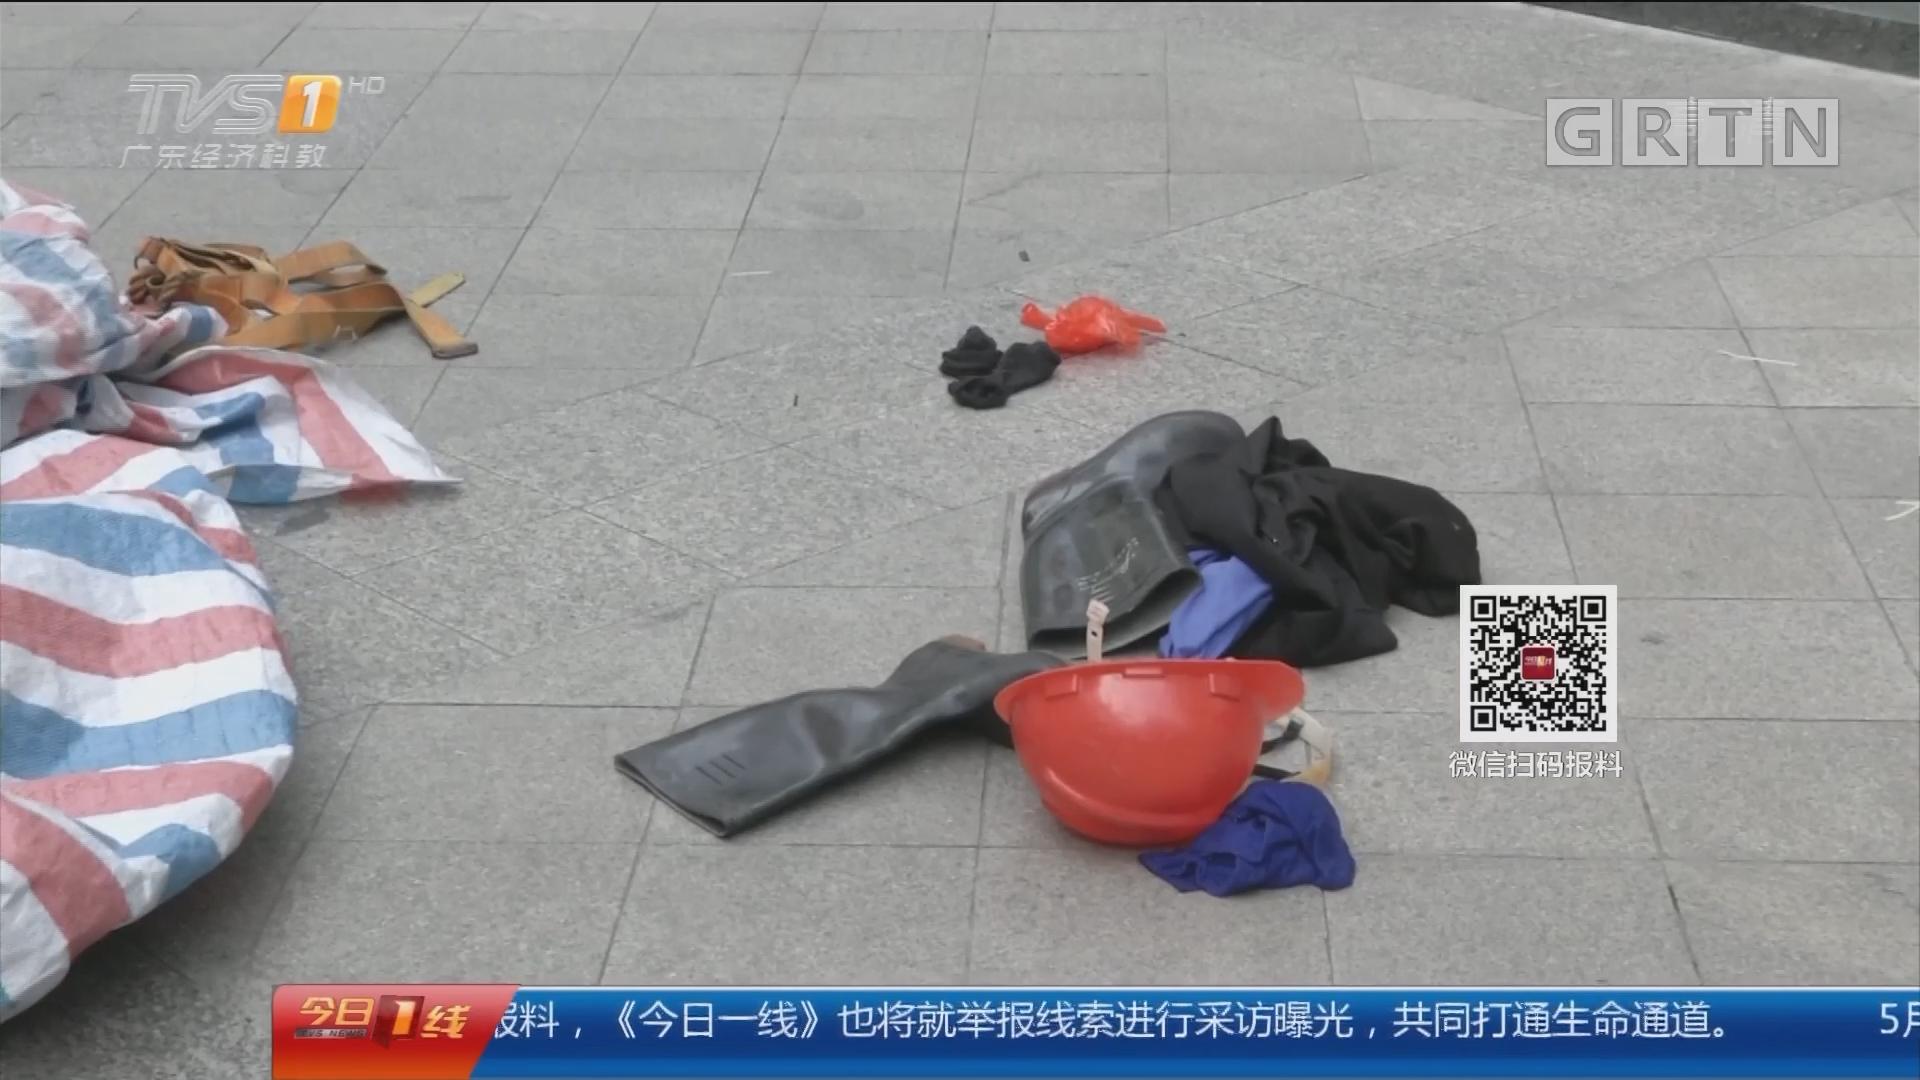 共筑安全:高空作业要小心 清洁工人高空作业 不幸坠落